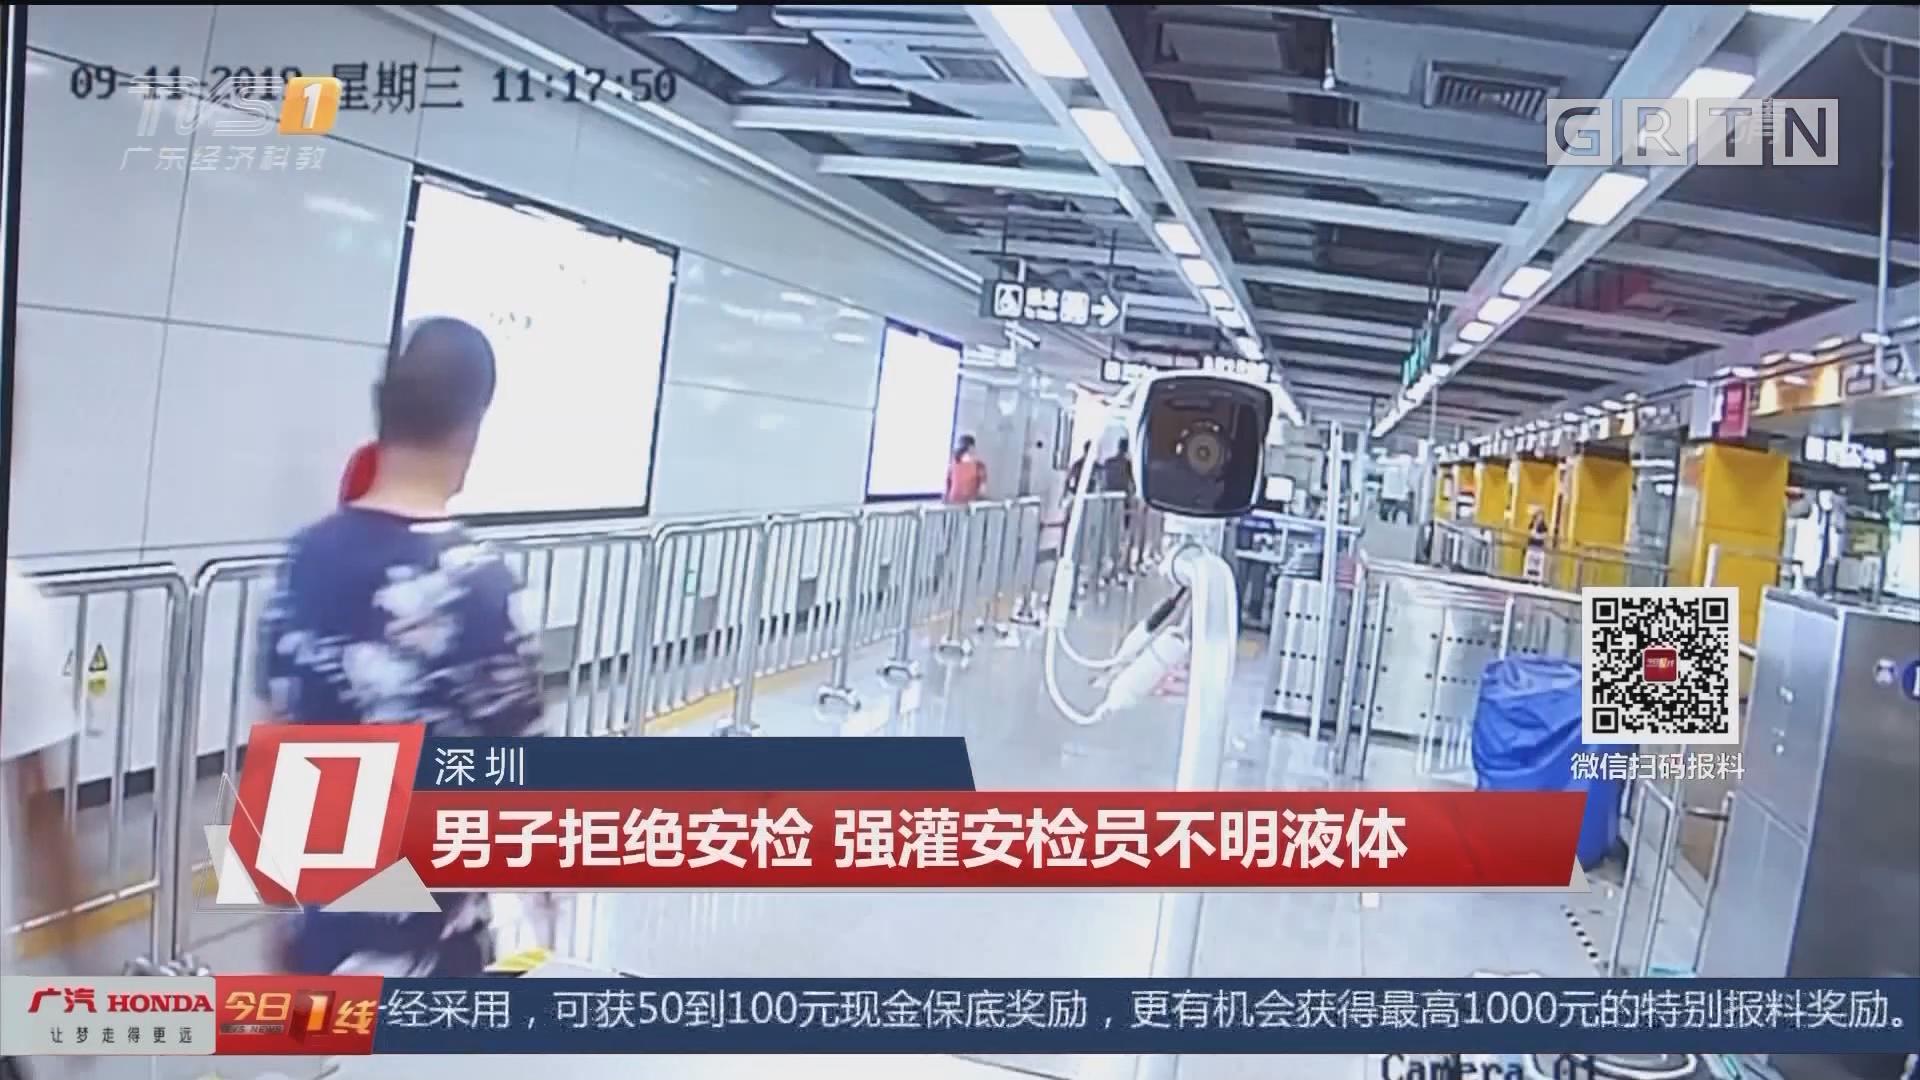 深圳:男子拒绝安检 强灌安检员不明液体